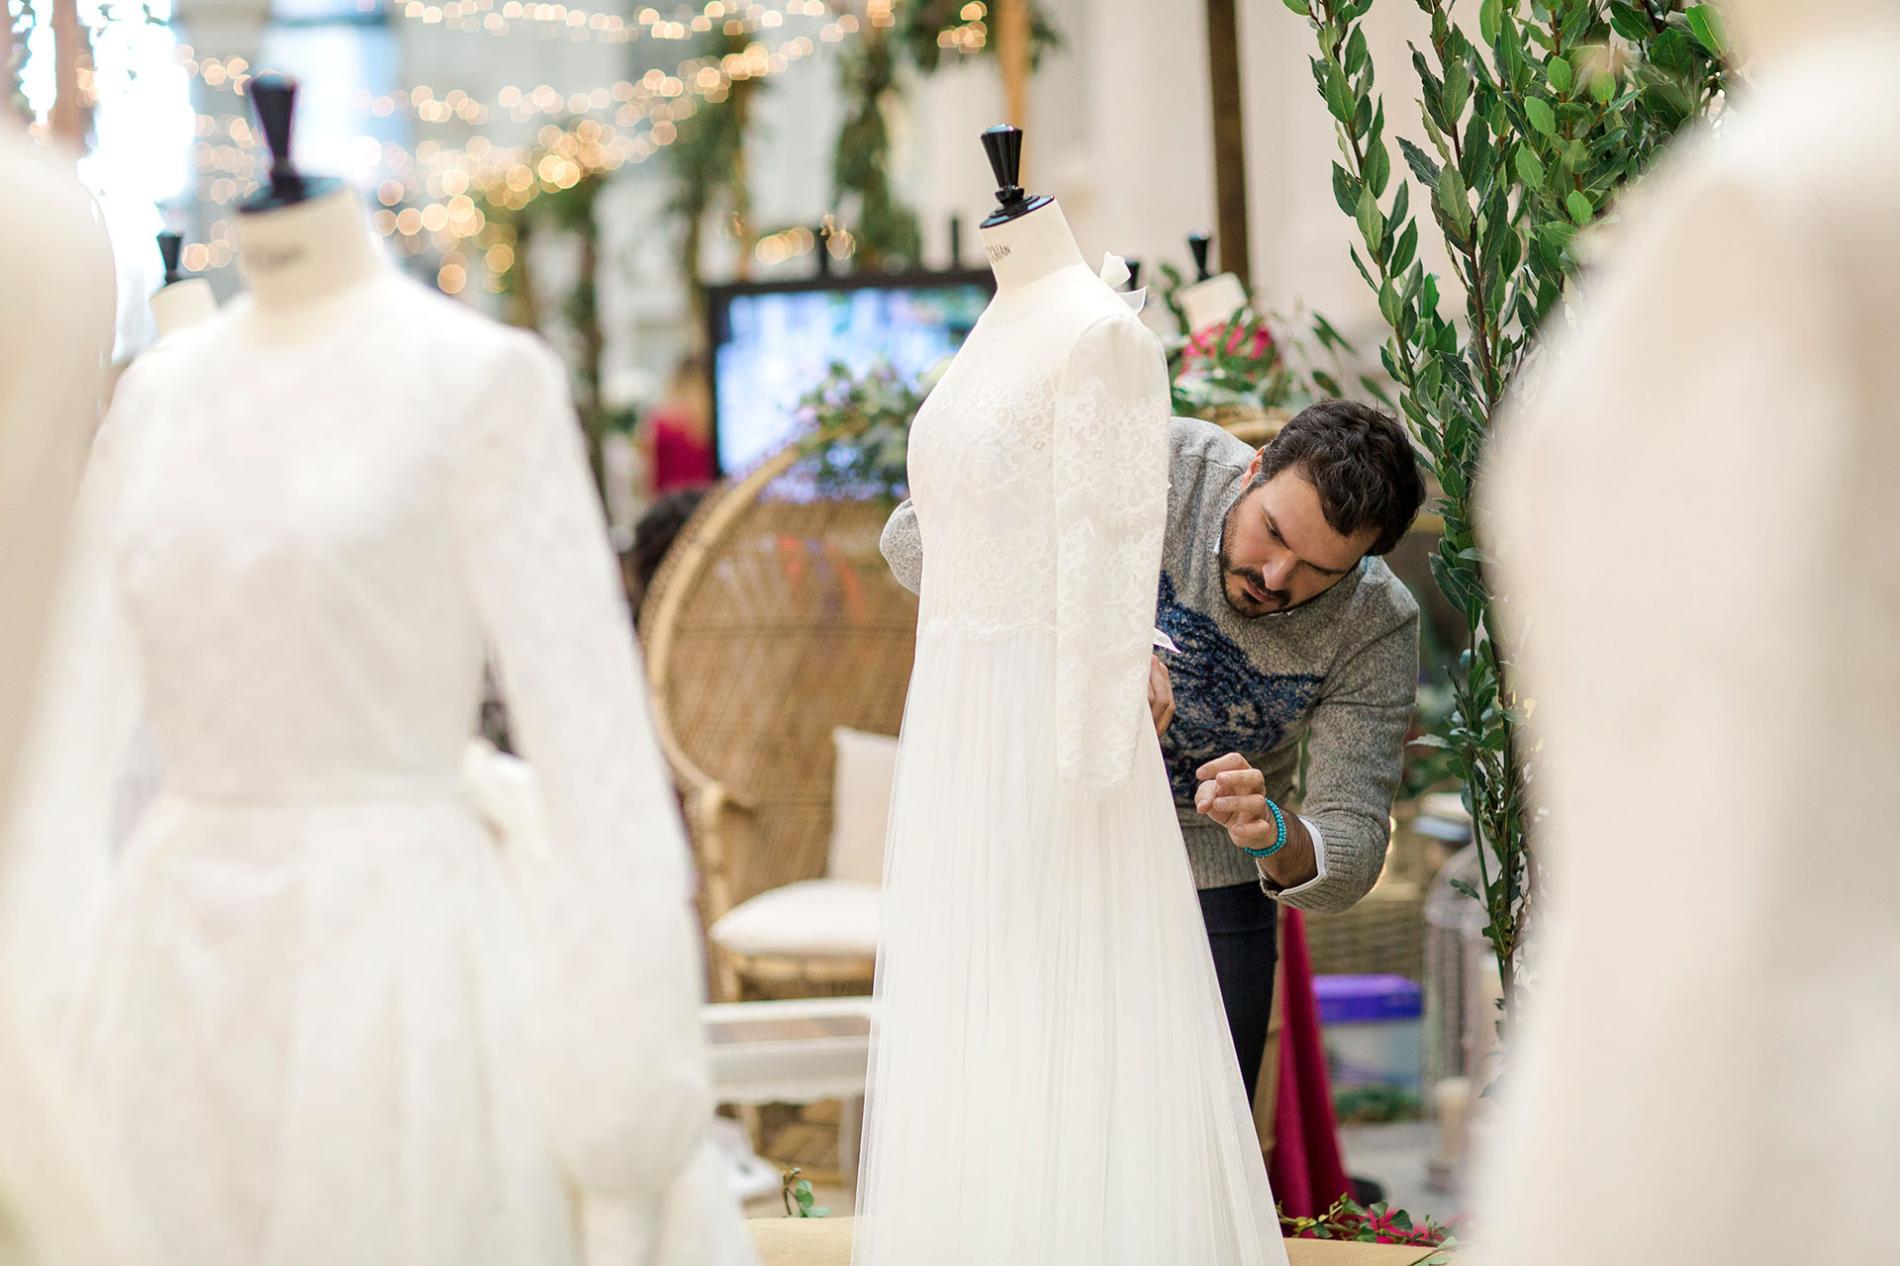 c06fce0ebfa 100 Bodas Premium reúne la propuesta wedding más exclusiva de la ...